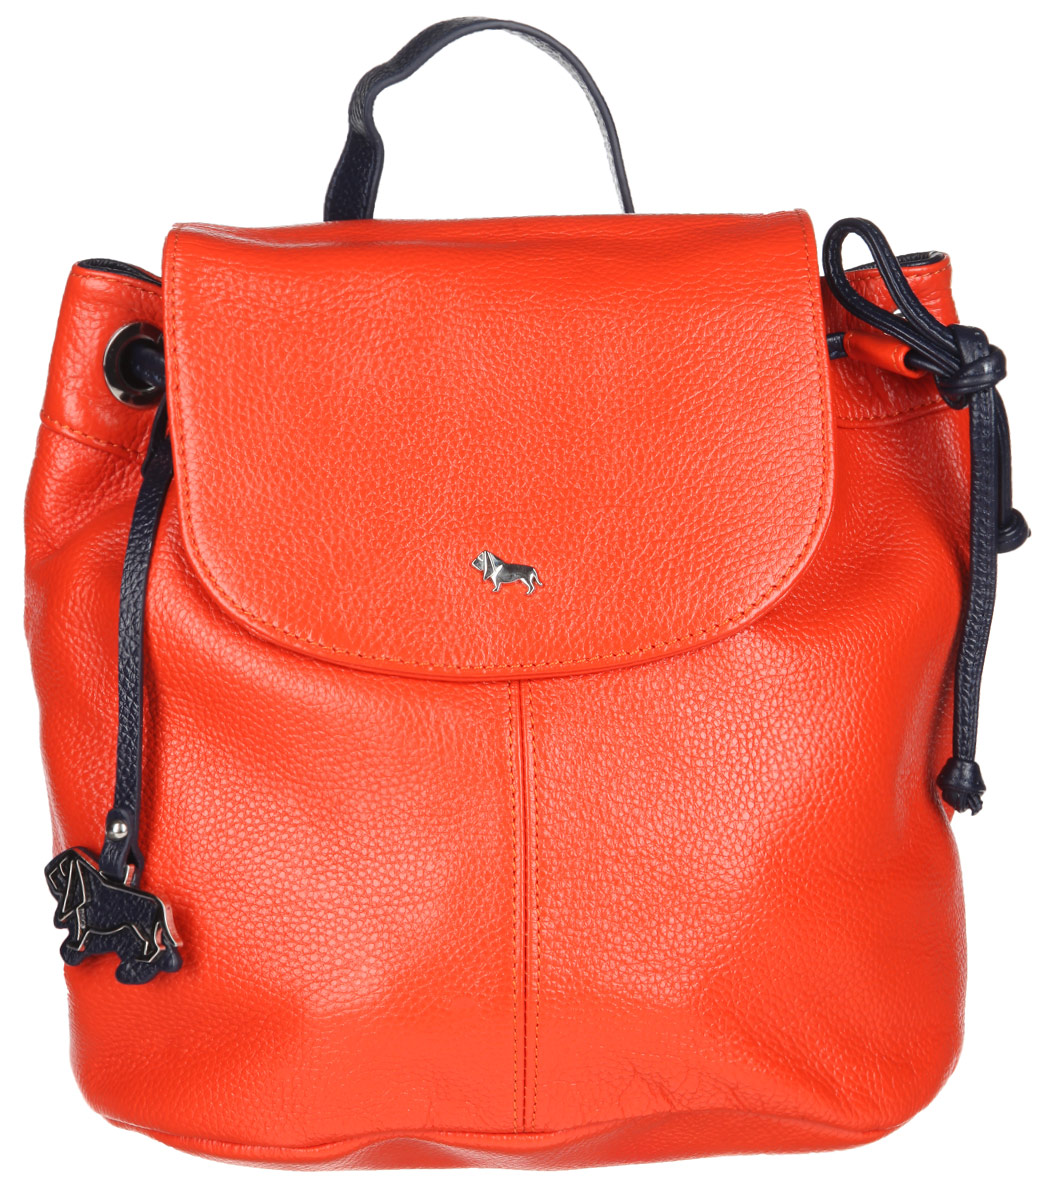 Рюкзак женский Labbra, цвет: оранжевый, темно-синий. L-9916-123008Стильный женский рюкзак Labbra выполнен из натуральной кожи с фактурным тиснением. Изделие имеет одно отделение, закрывающееся на клапан с магнитом и дополнительно на затягивающийся шнурок. Внутри находится прорезной карман на застежке-молнии и два открытых накладных кармана. Снаружи, на задней стенке расположен прорезной карман на застежке-молнии. Рюкзак оснащен съемной лямкой, регулируемой по длине, которая позволяет носить изделие на плечах, или в руках, как сумку. Изделие украшено фирменным брелоком. В комплект входит фирменный чехол для хранения. Стильный рюкзак Labbra прекрасно дополнит ваш образ.